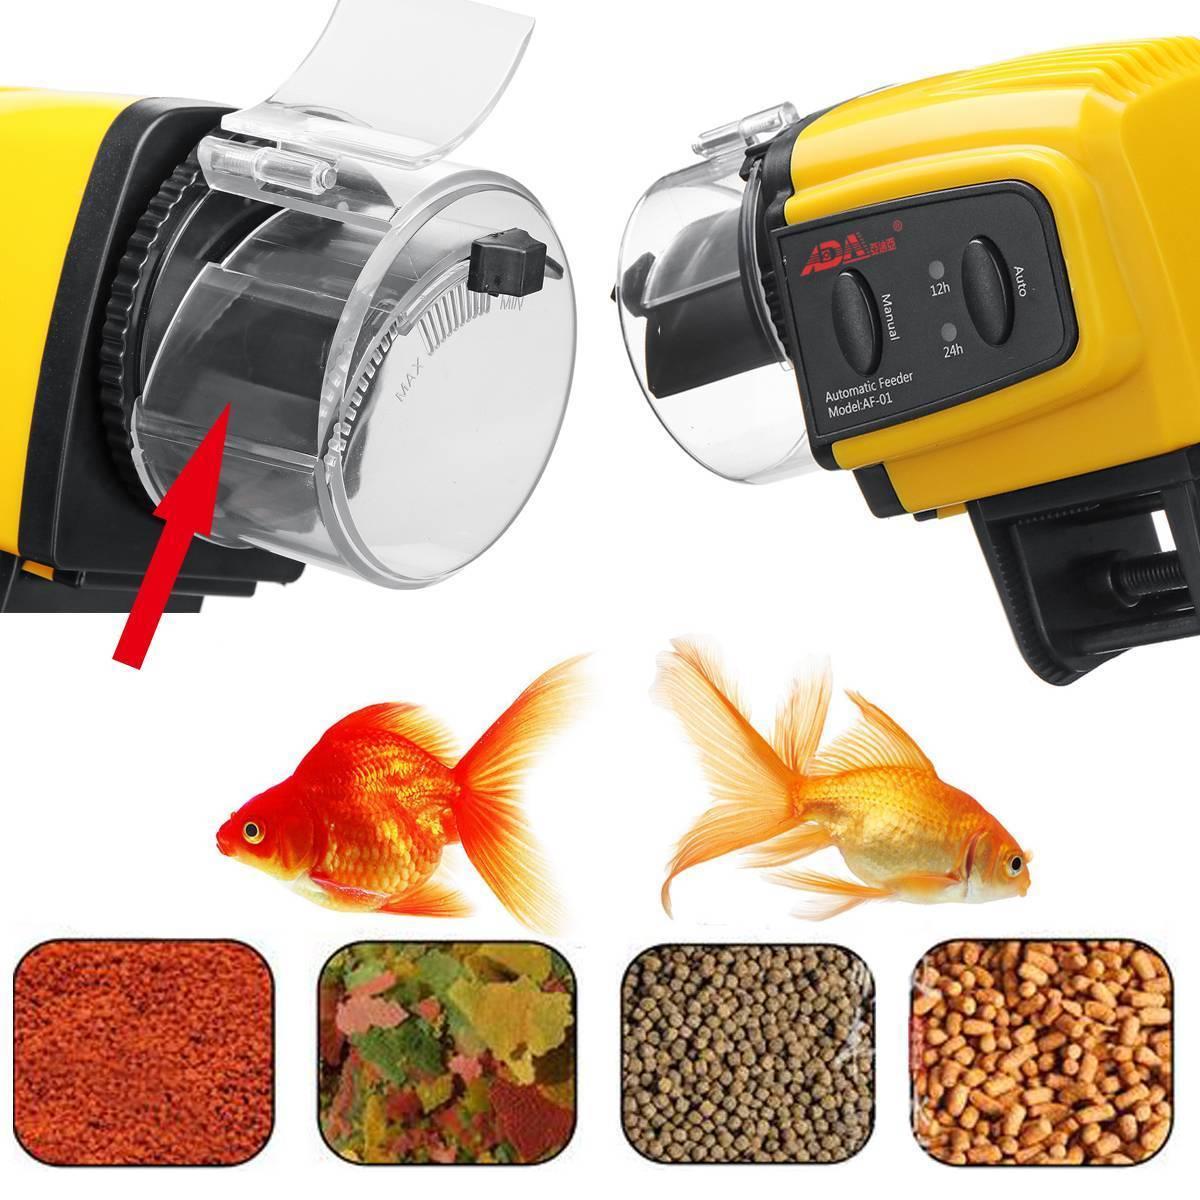 Кормушки для аквариума (16 фото): зачем нужна автоматическая кормушка для аквариумных рыб? электронные и другие модели для рыбок